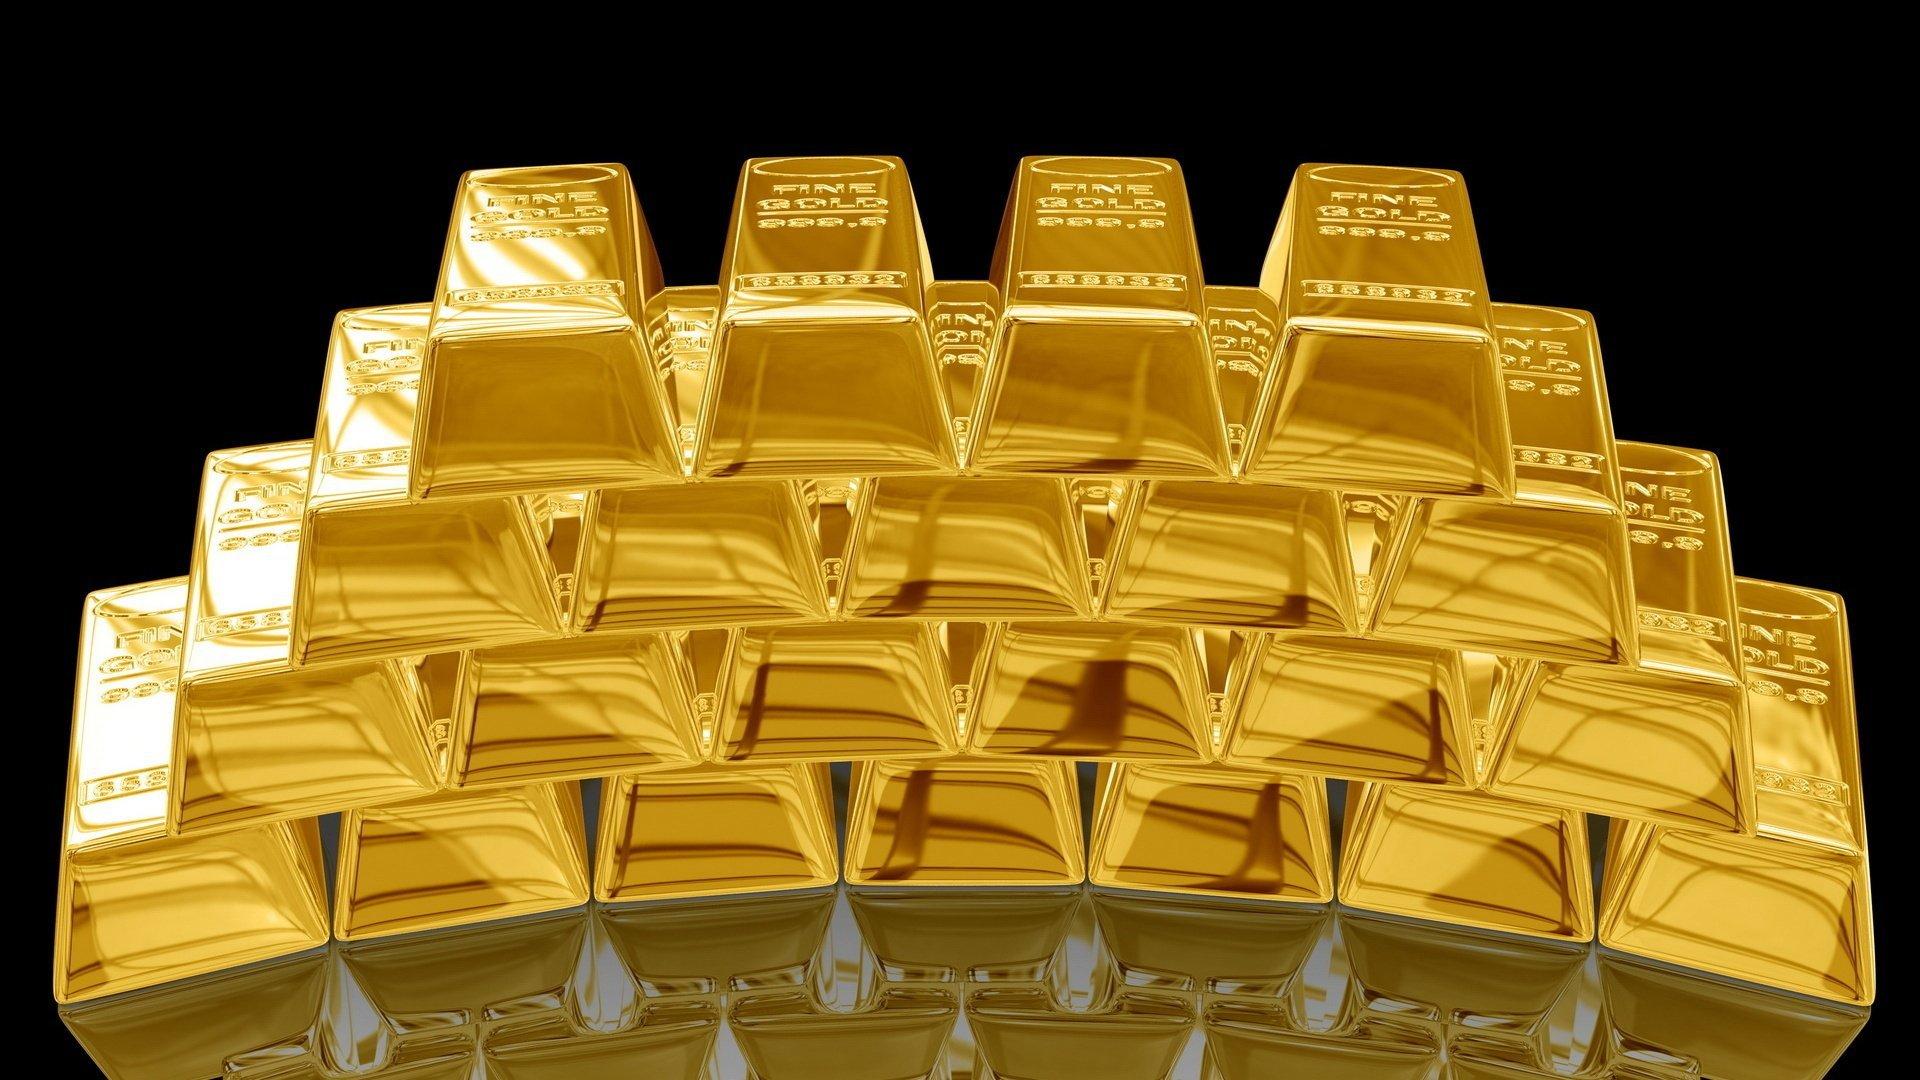 Giá vàng hôm nay 2/4: vàng SJC giảm 10.000 đồng/lượng 1